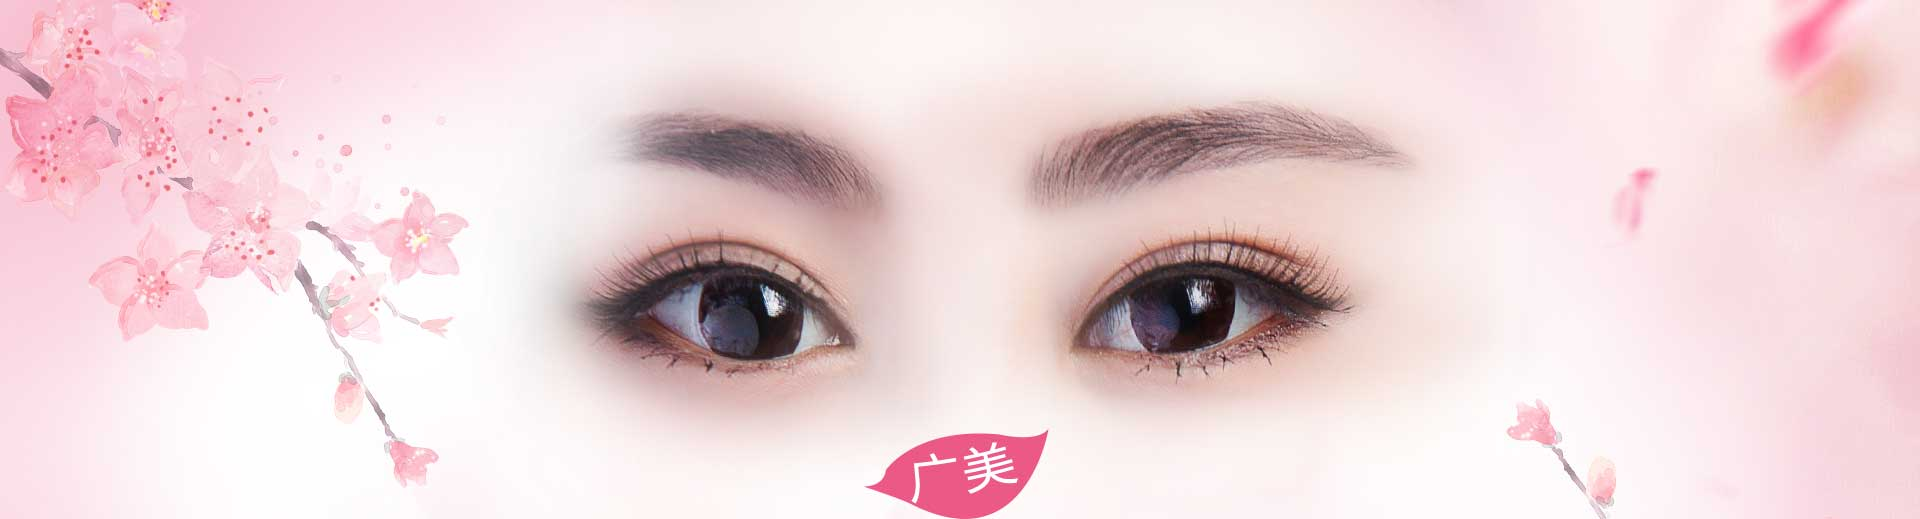 广美桃花眼